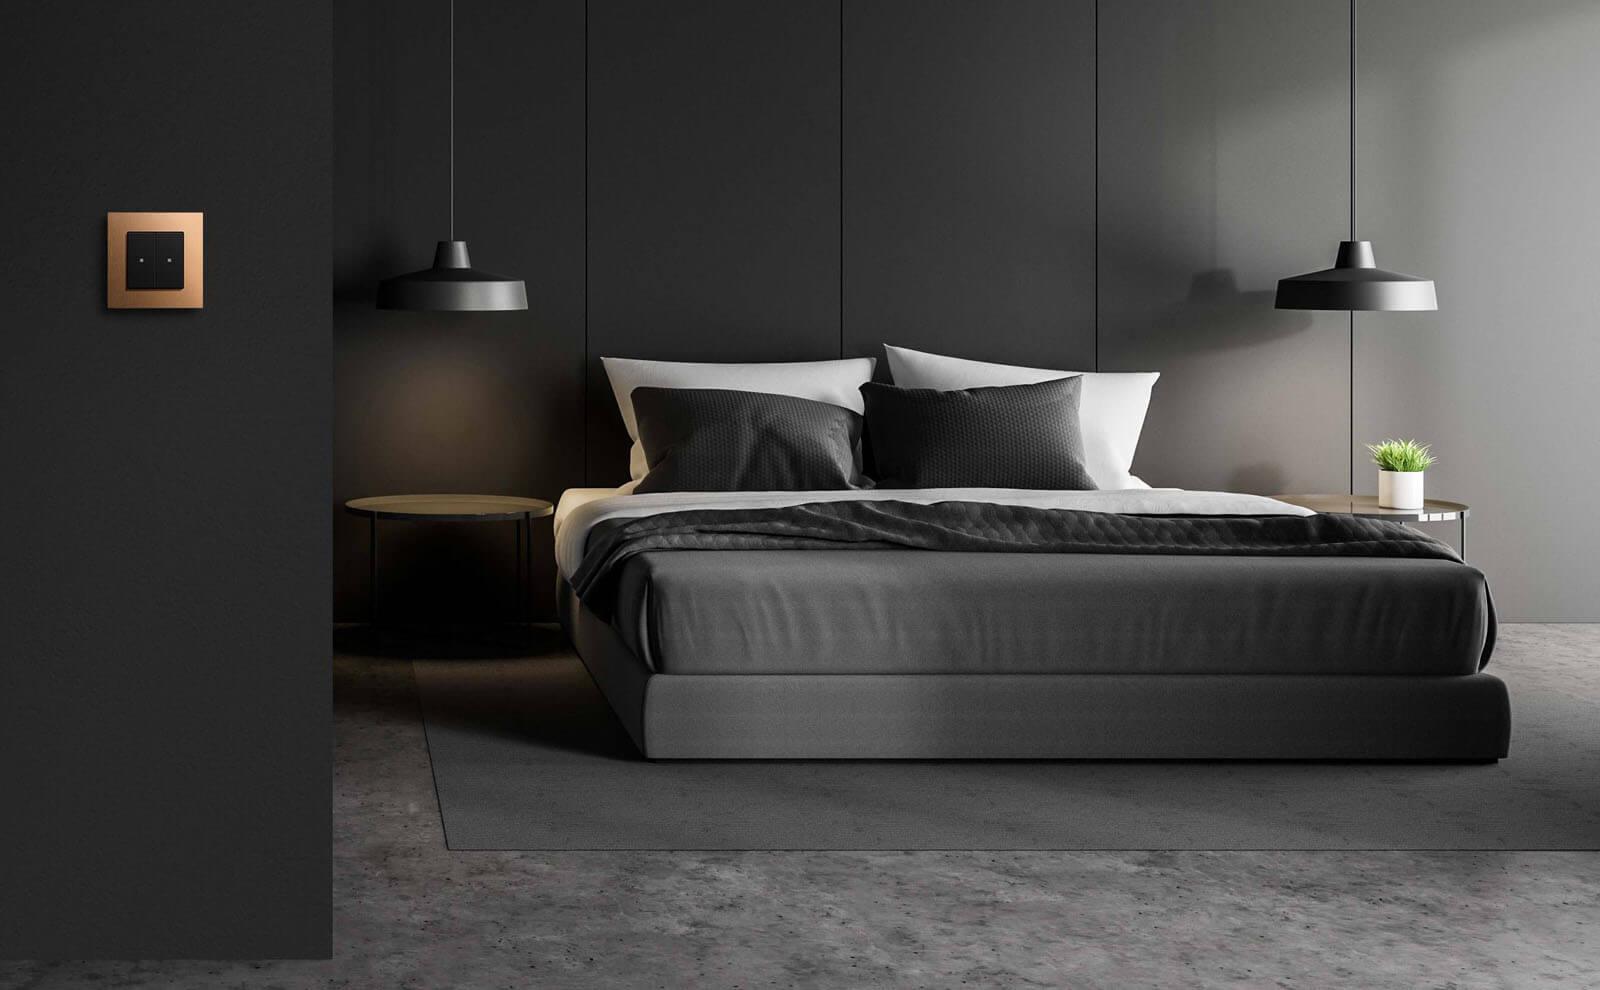 Gira KNX Taster Bronze (PVD) im Schlafzimmer